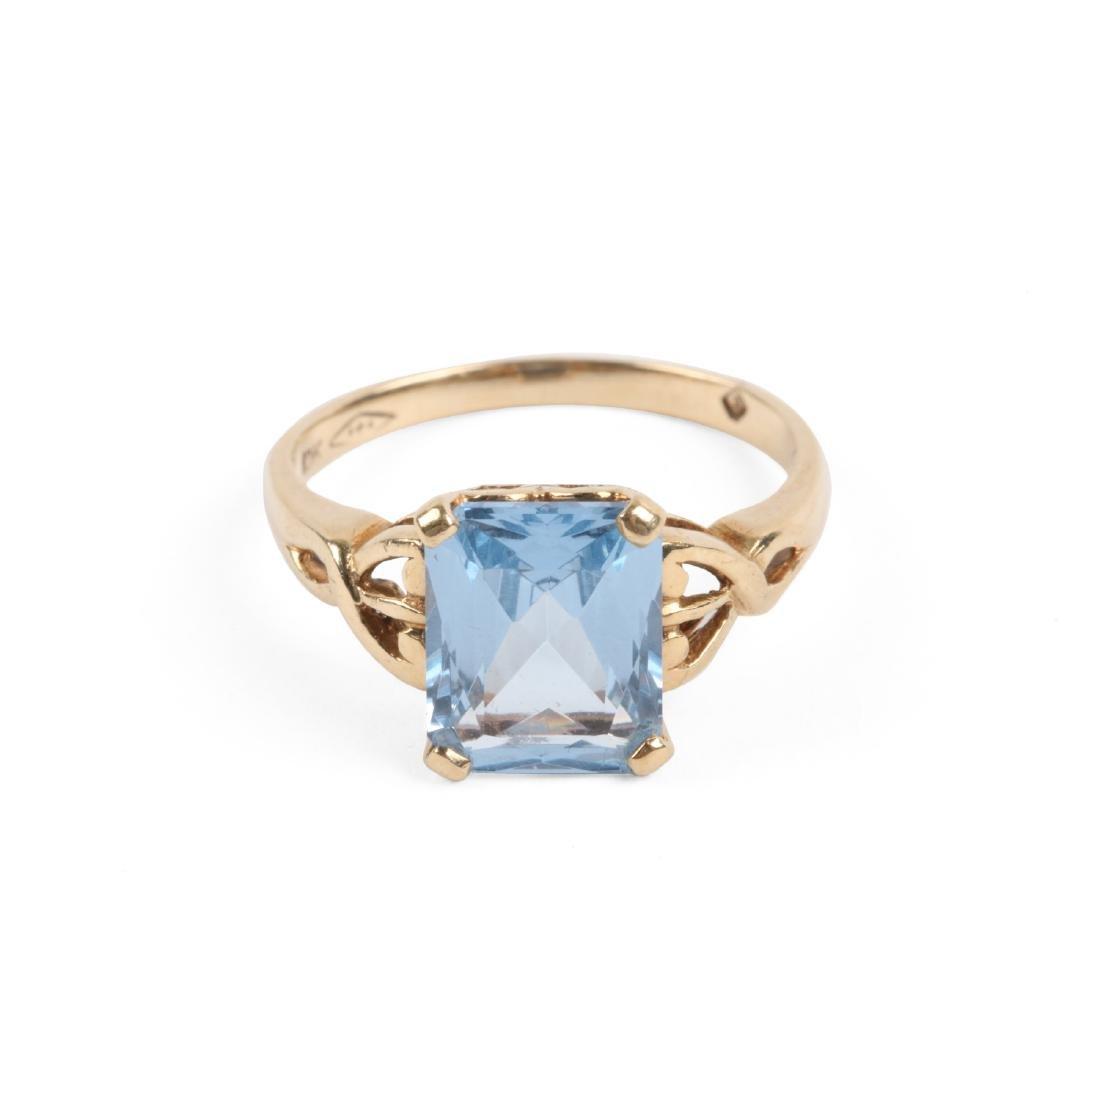 A 10k Gold & Aquamarine Ring